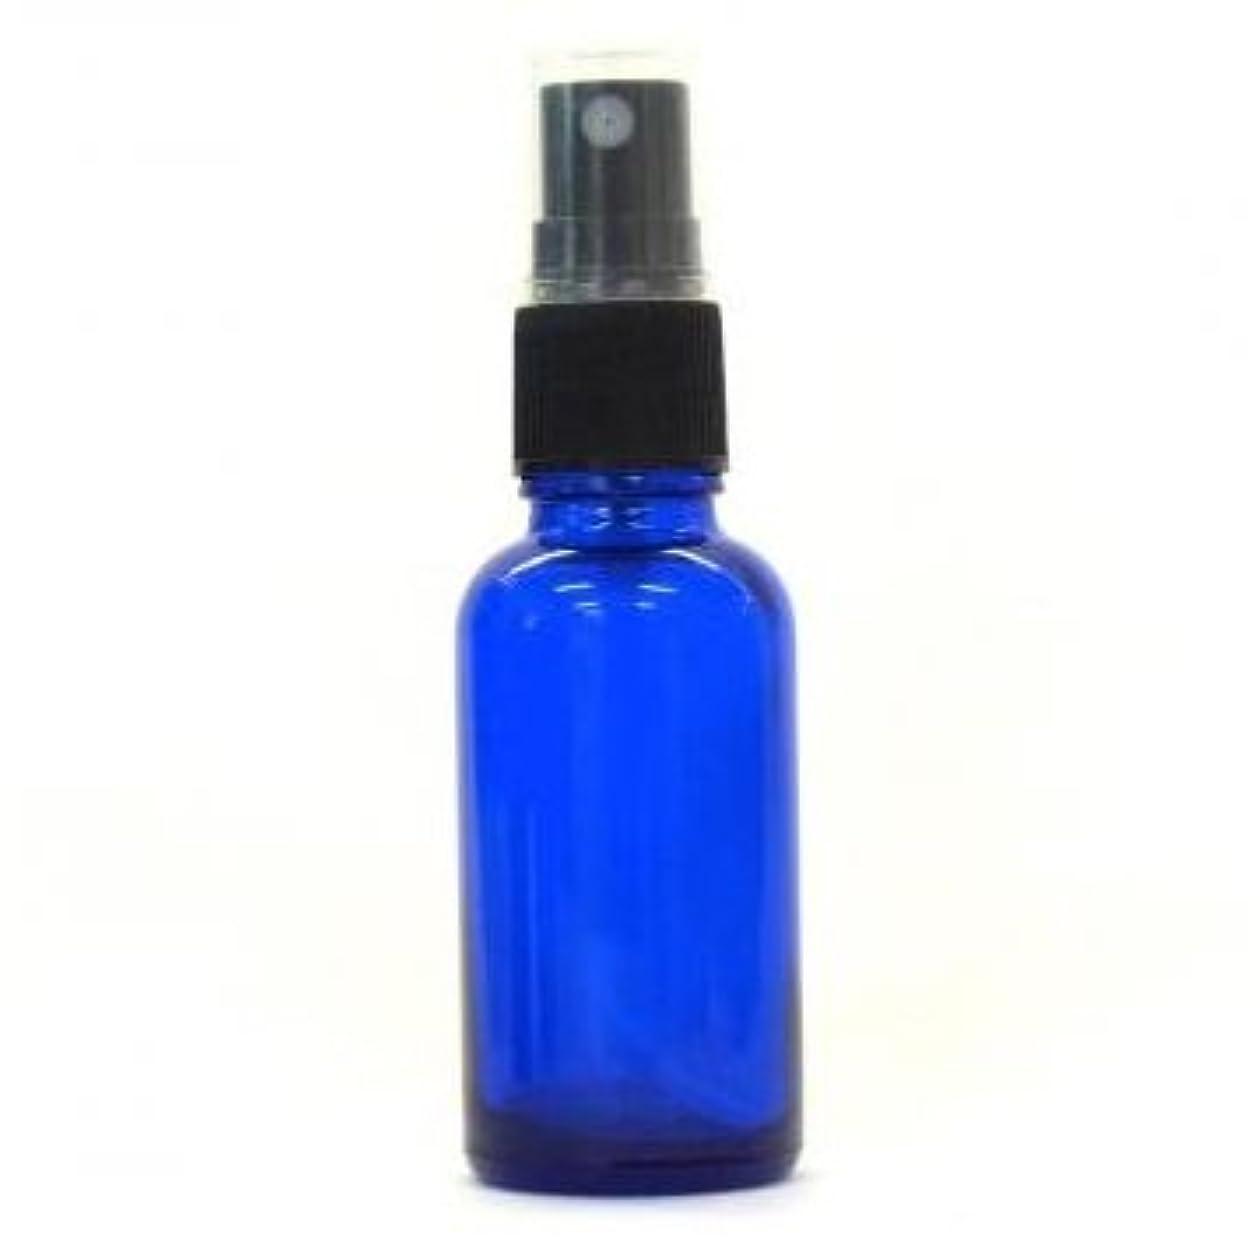 ポンペイ頻繁にに対処するアロマ遮光瓶 コバルトブルー 30ml フィンガースプレー ガラス瓶 アロマ材料